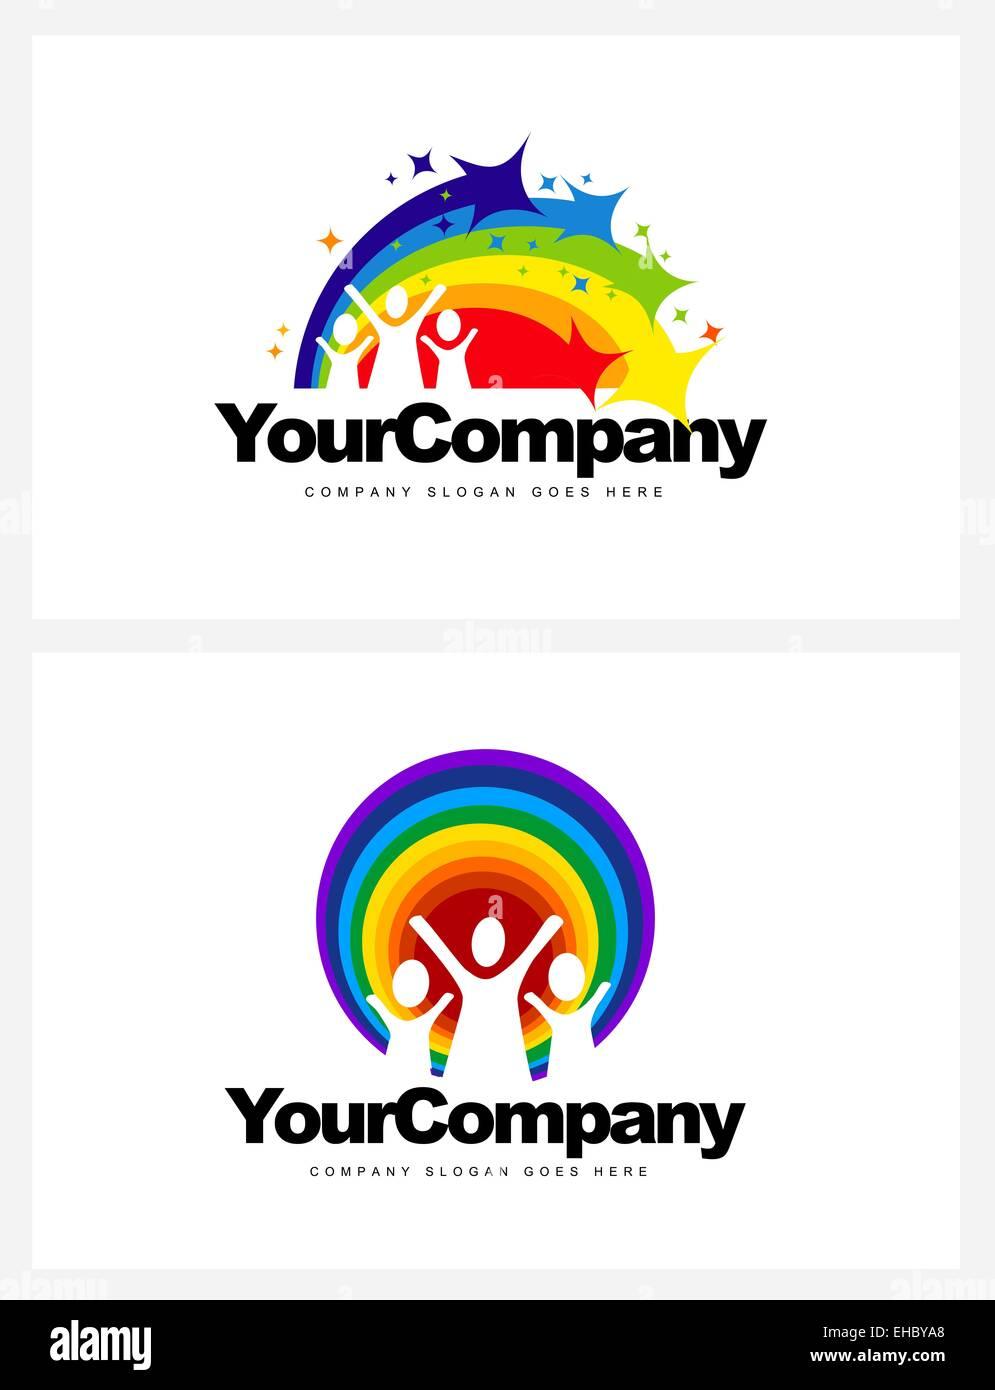 Kindergarten Logo Design. Vector design elements for a kindergarten with rainbow and kids - Stock Image